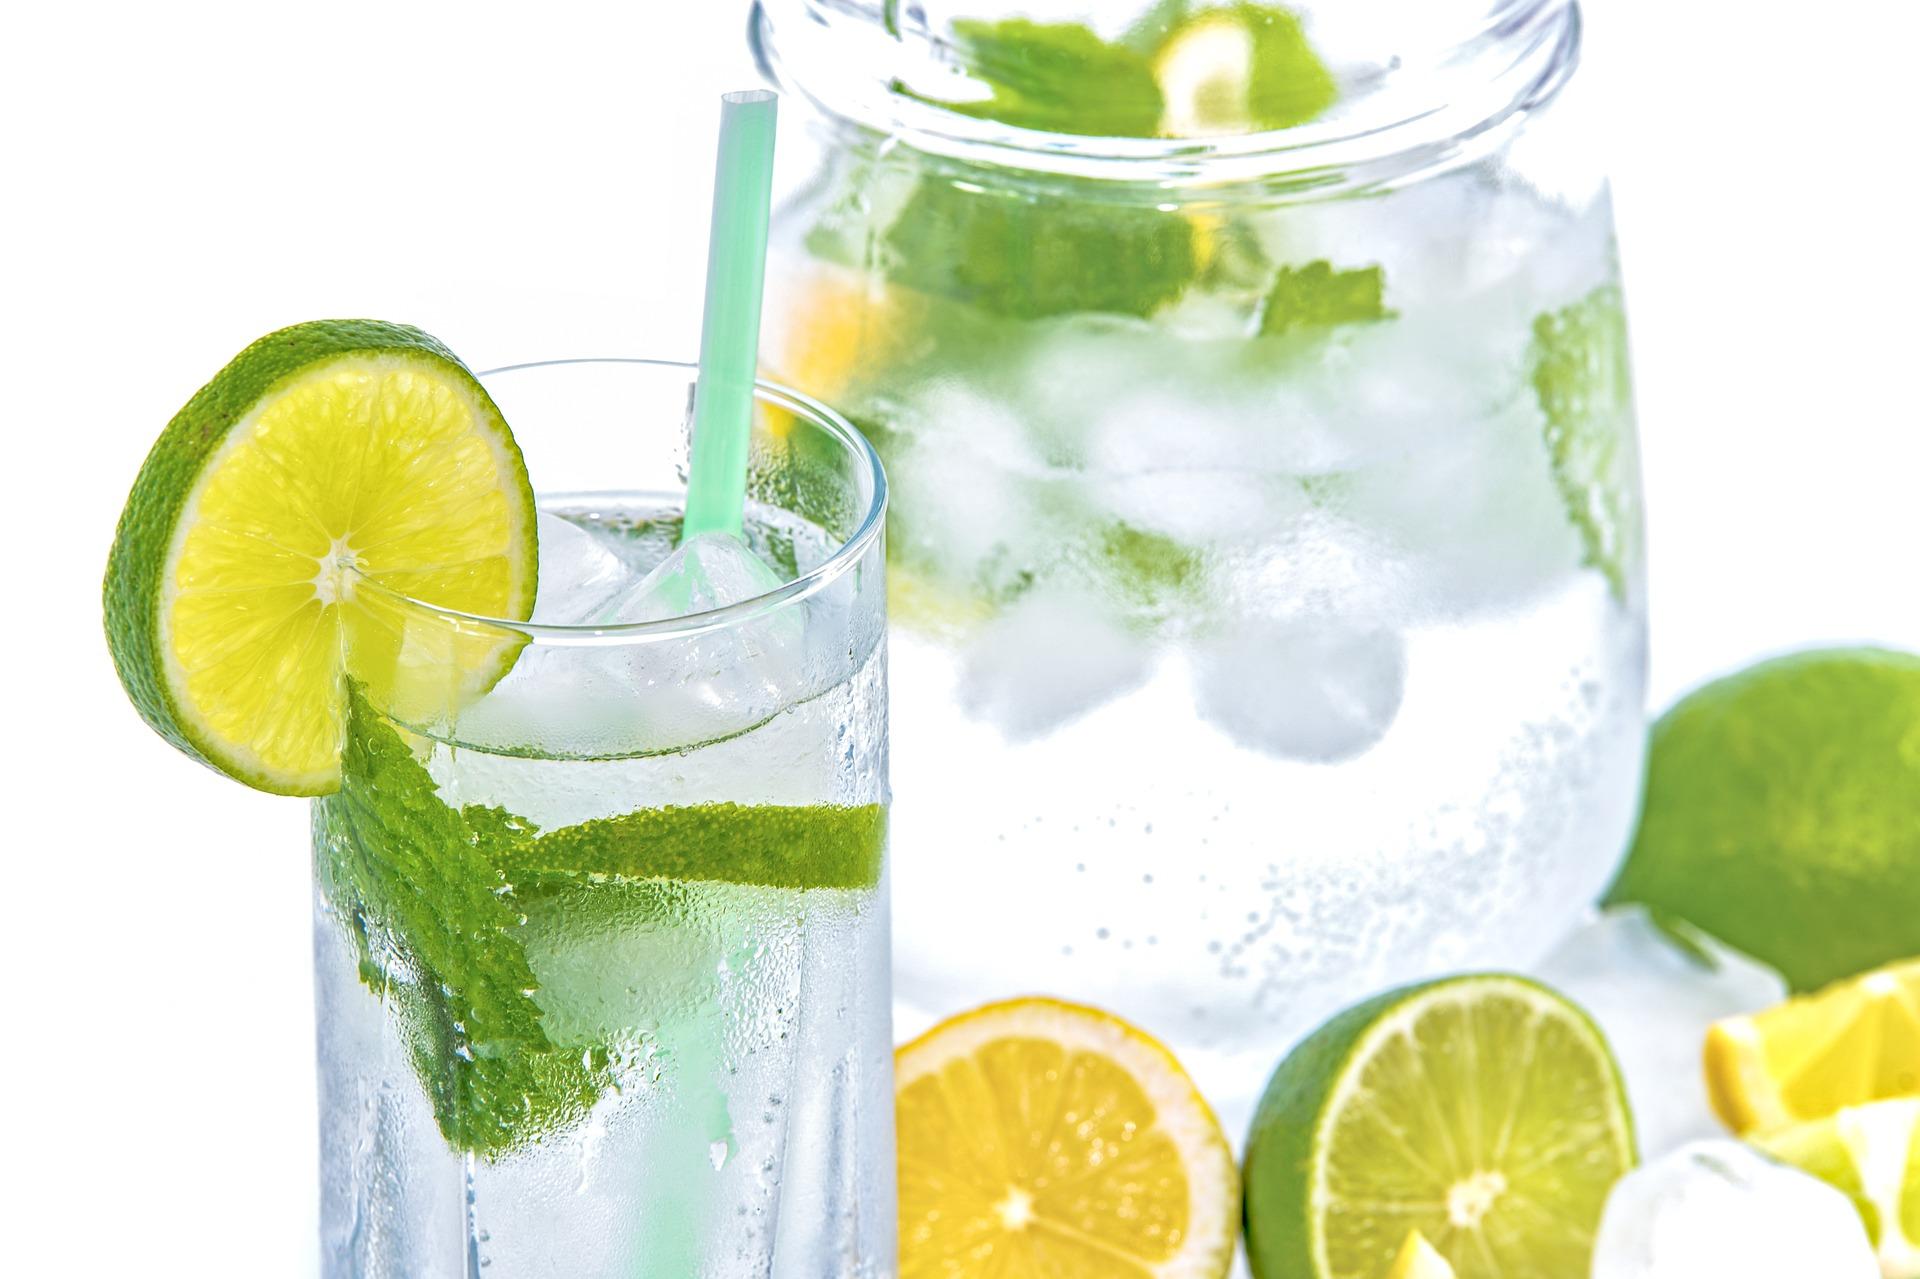 Acqua e limone al mattino fa dimagrire